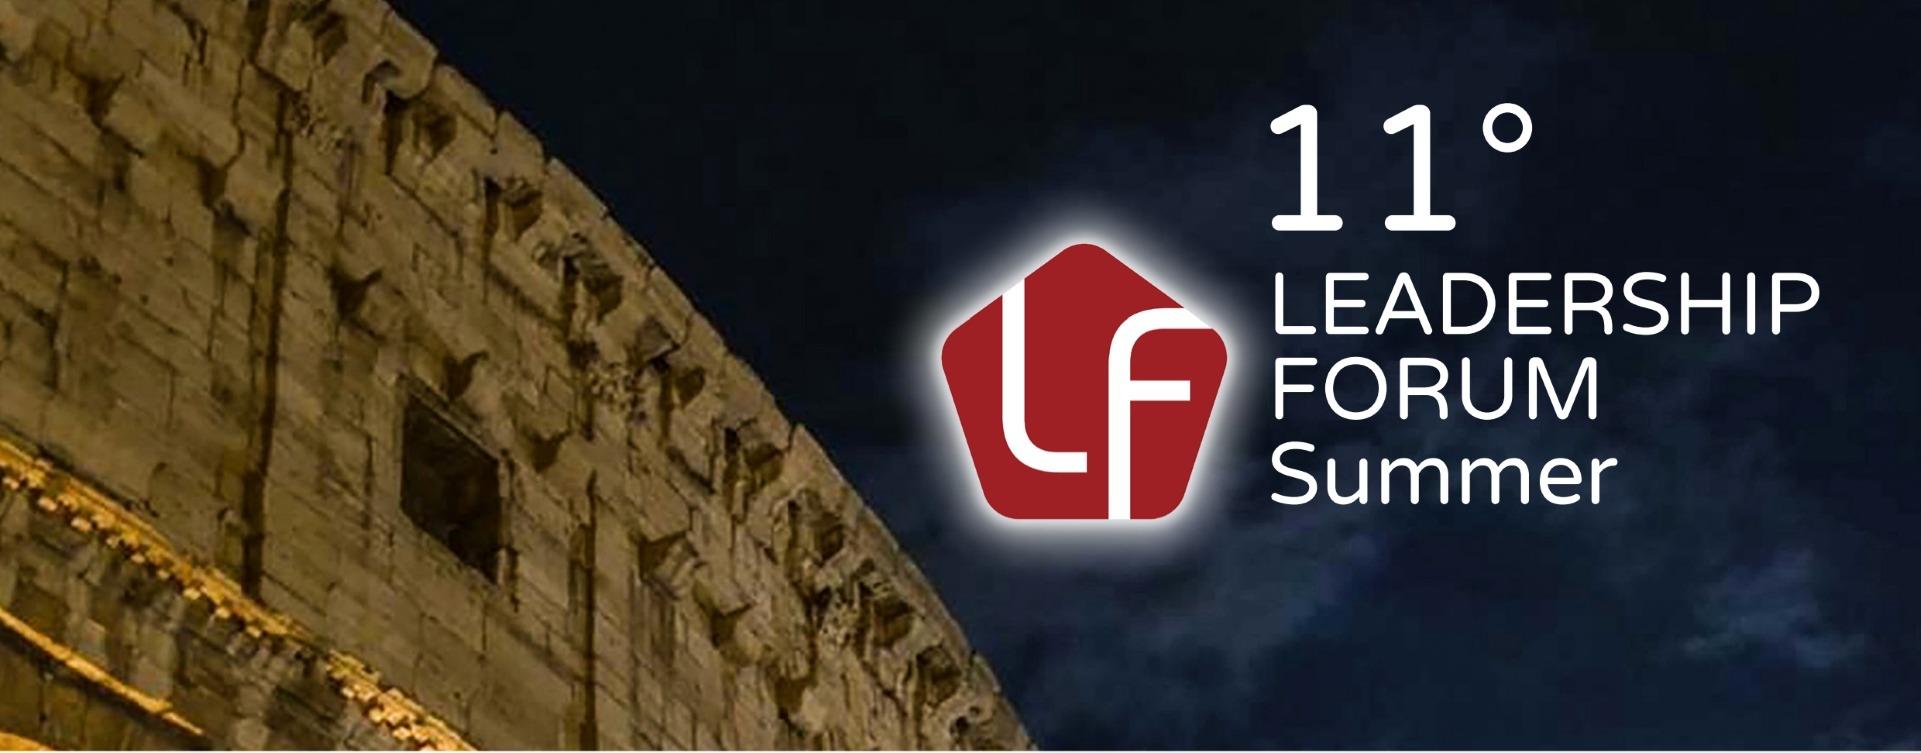 testata leadership forum summer 2019 roma